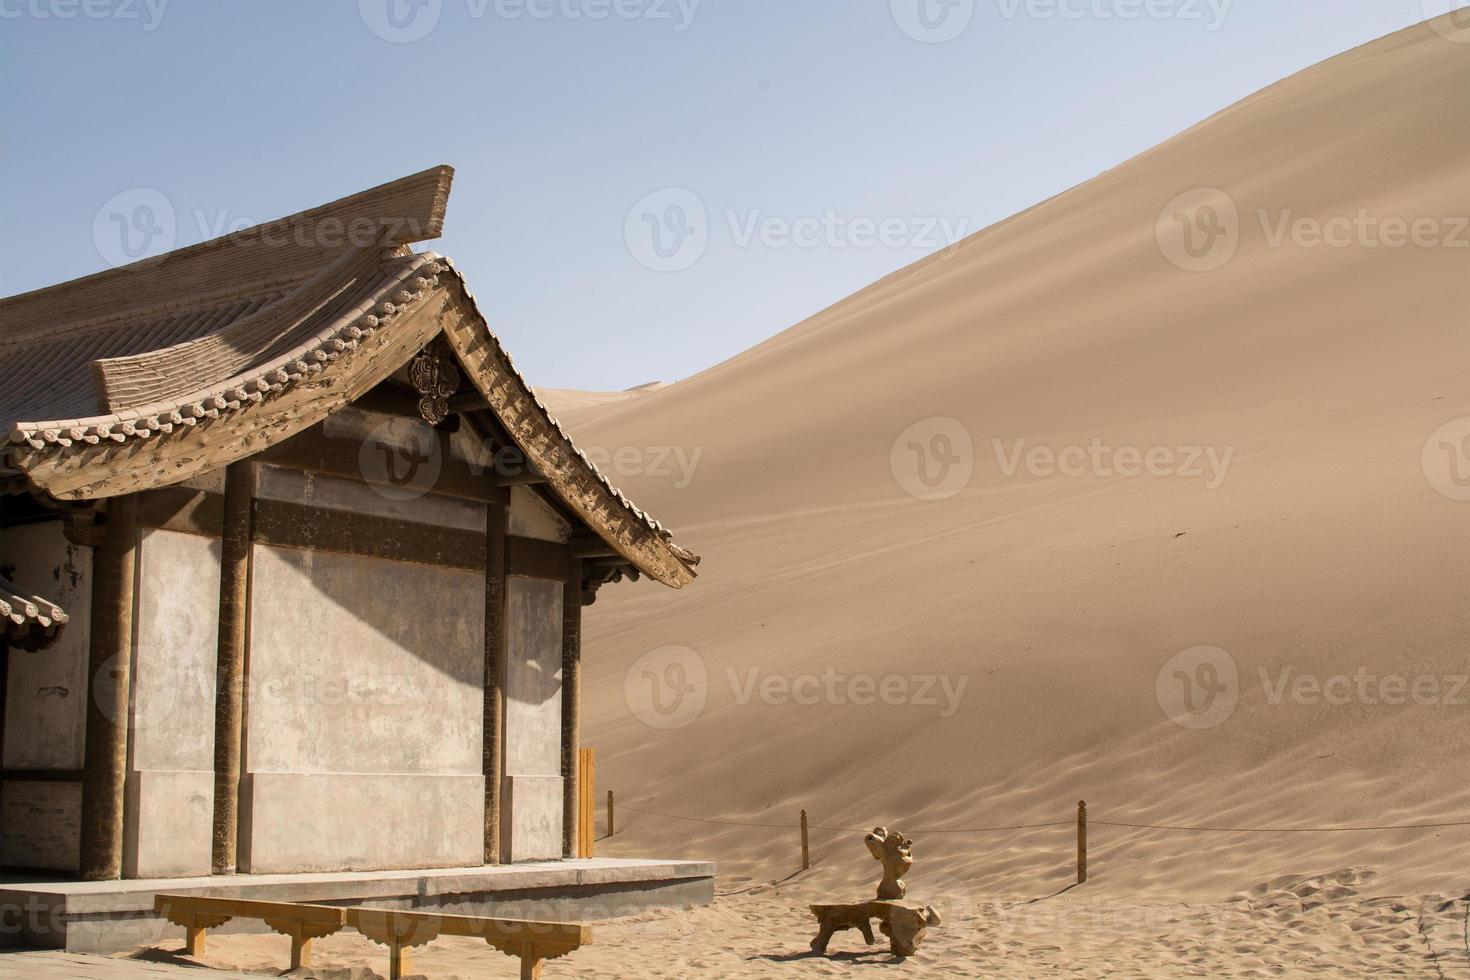 Pabellón chino cerca de las dunas de arena en el desierto, Dunhuang, China foto